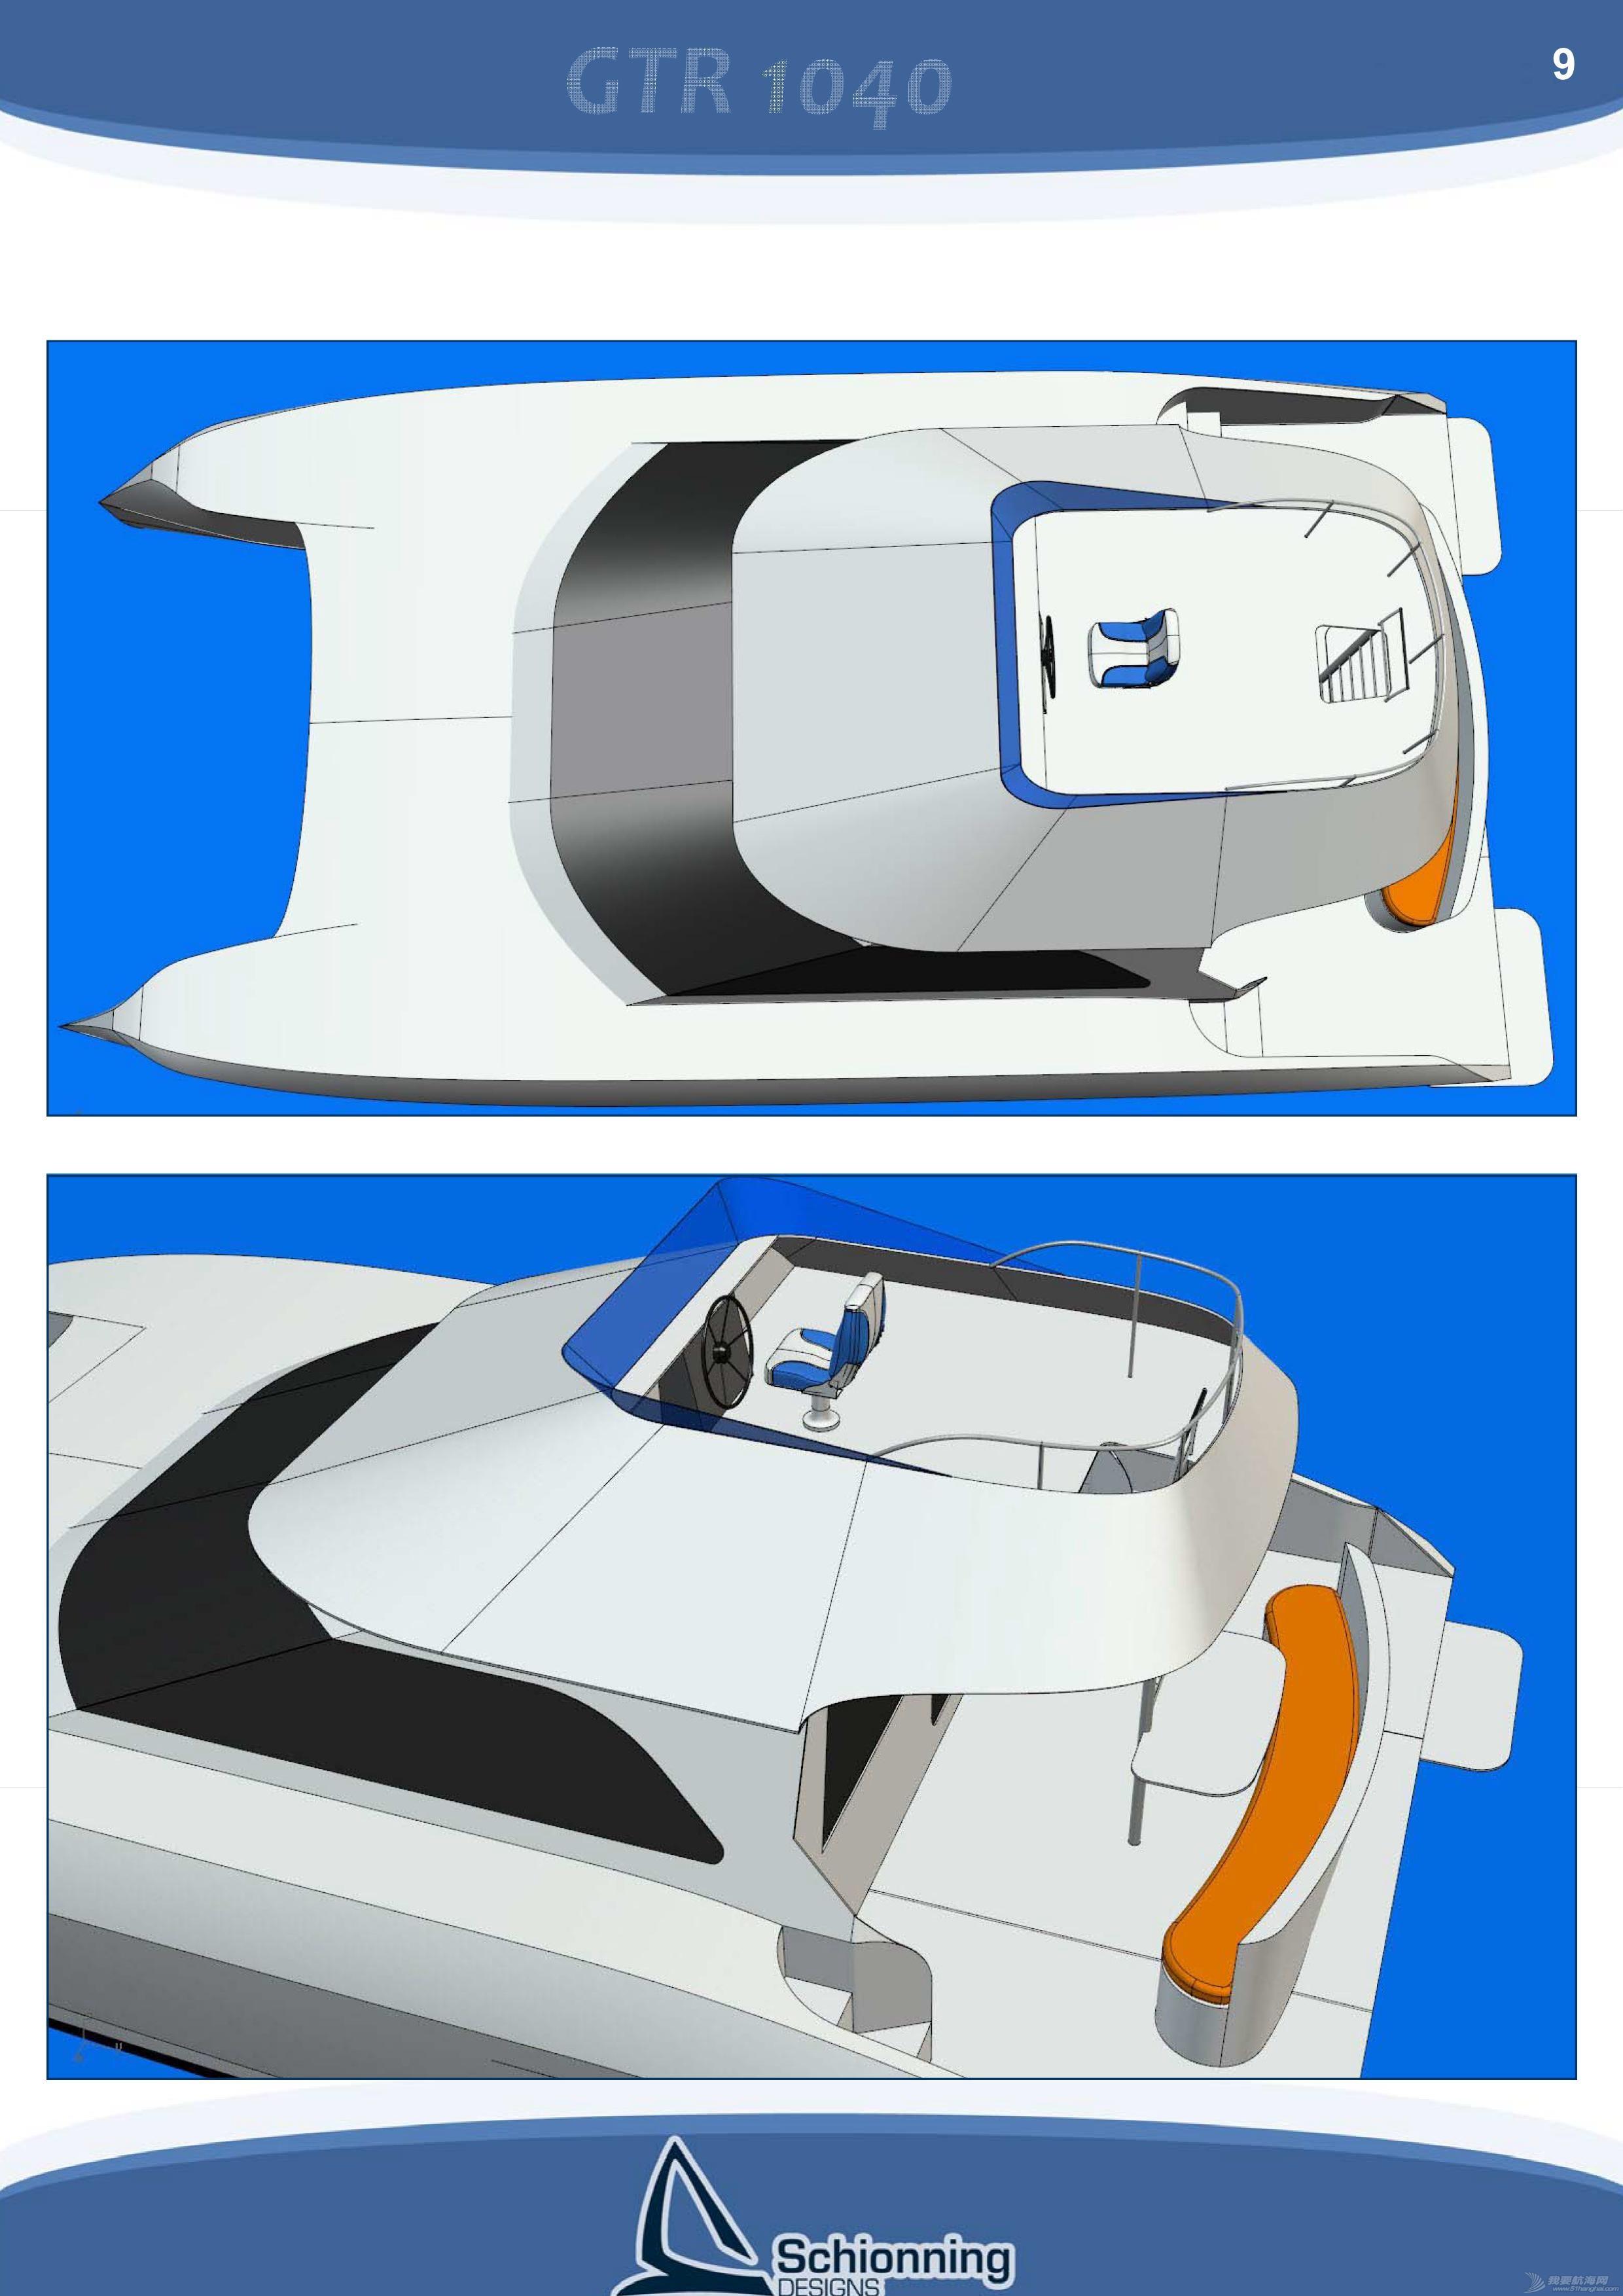 雙體遊艇DIY方案-Prowler GTR1040